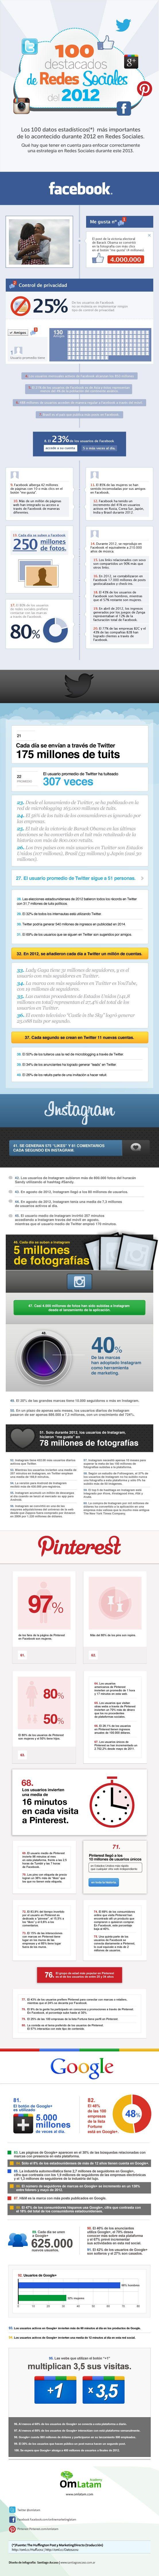 100 datos clave para planificar la estrategia en redes sociales en 2013